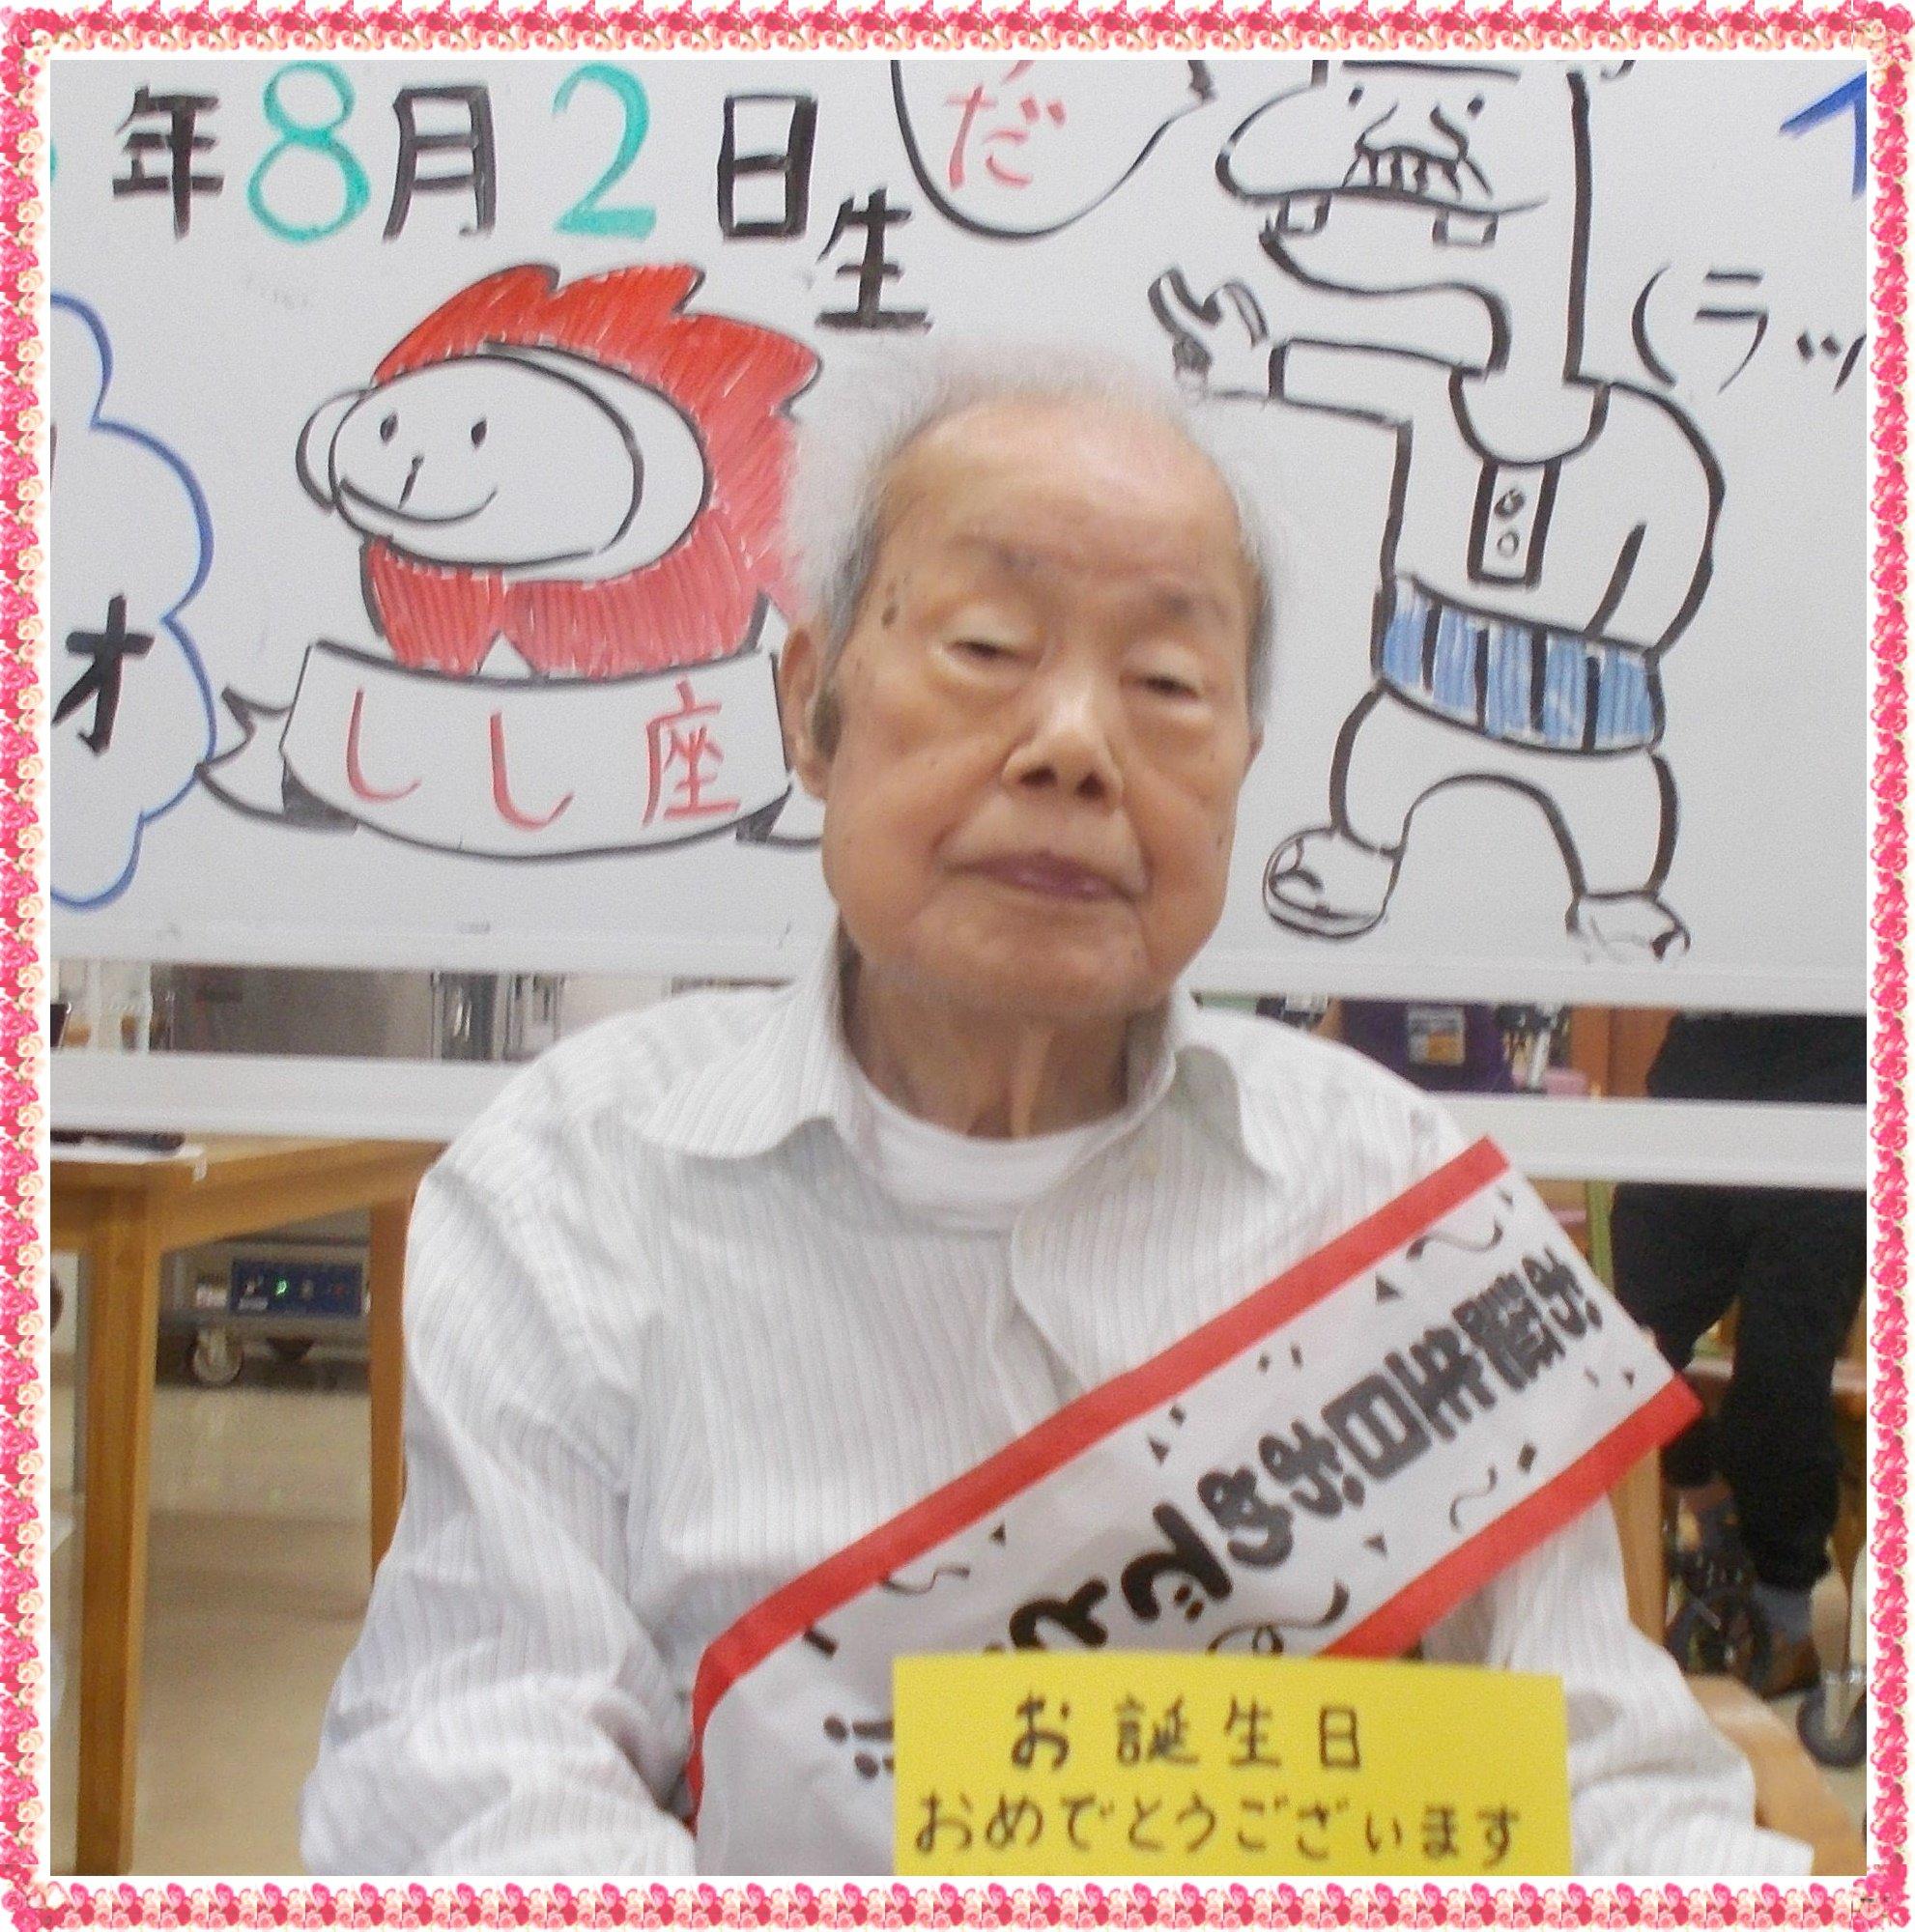 https://www.supercourt.jp/blog/hirano/4d280ec1da840e0a2947f8069128a6fcc973f381.jpg